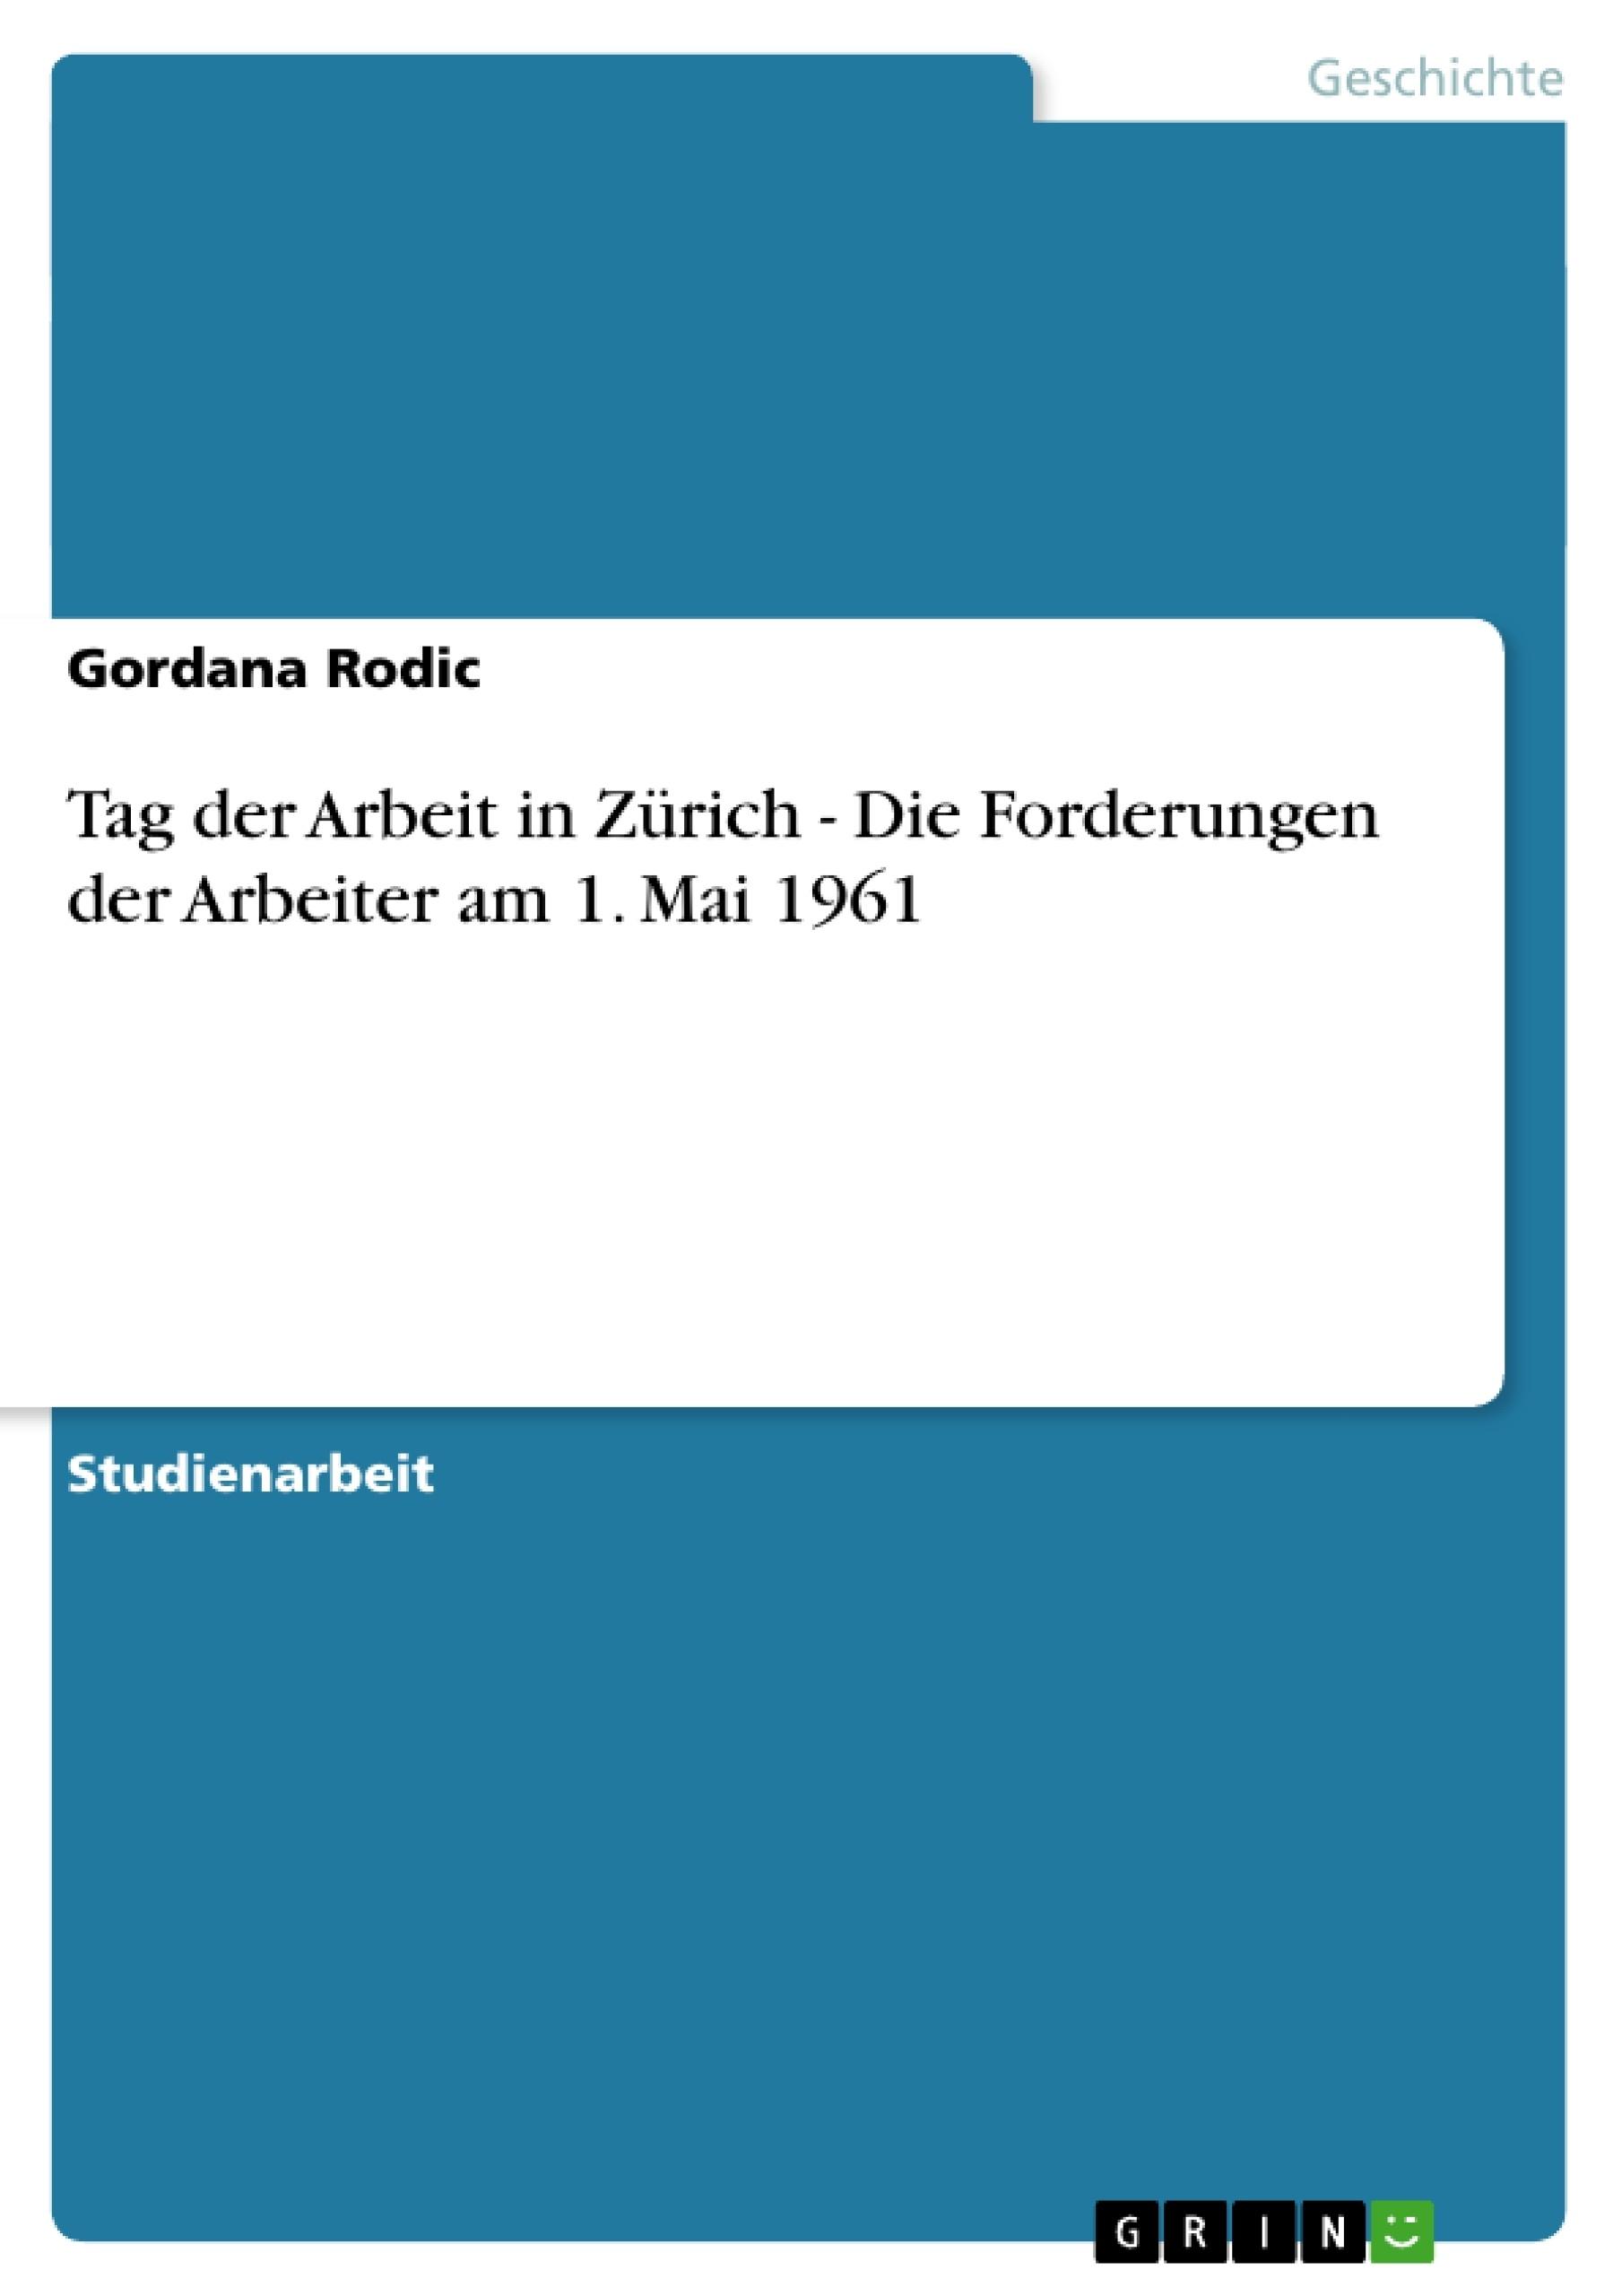 Titel: Tag der Arbeit in Zürich - Die Forderungen der Arbeiter am 1. Mai 1961